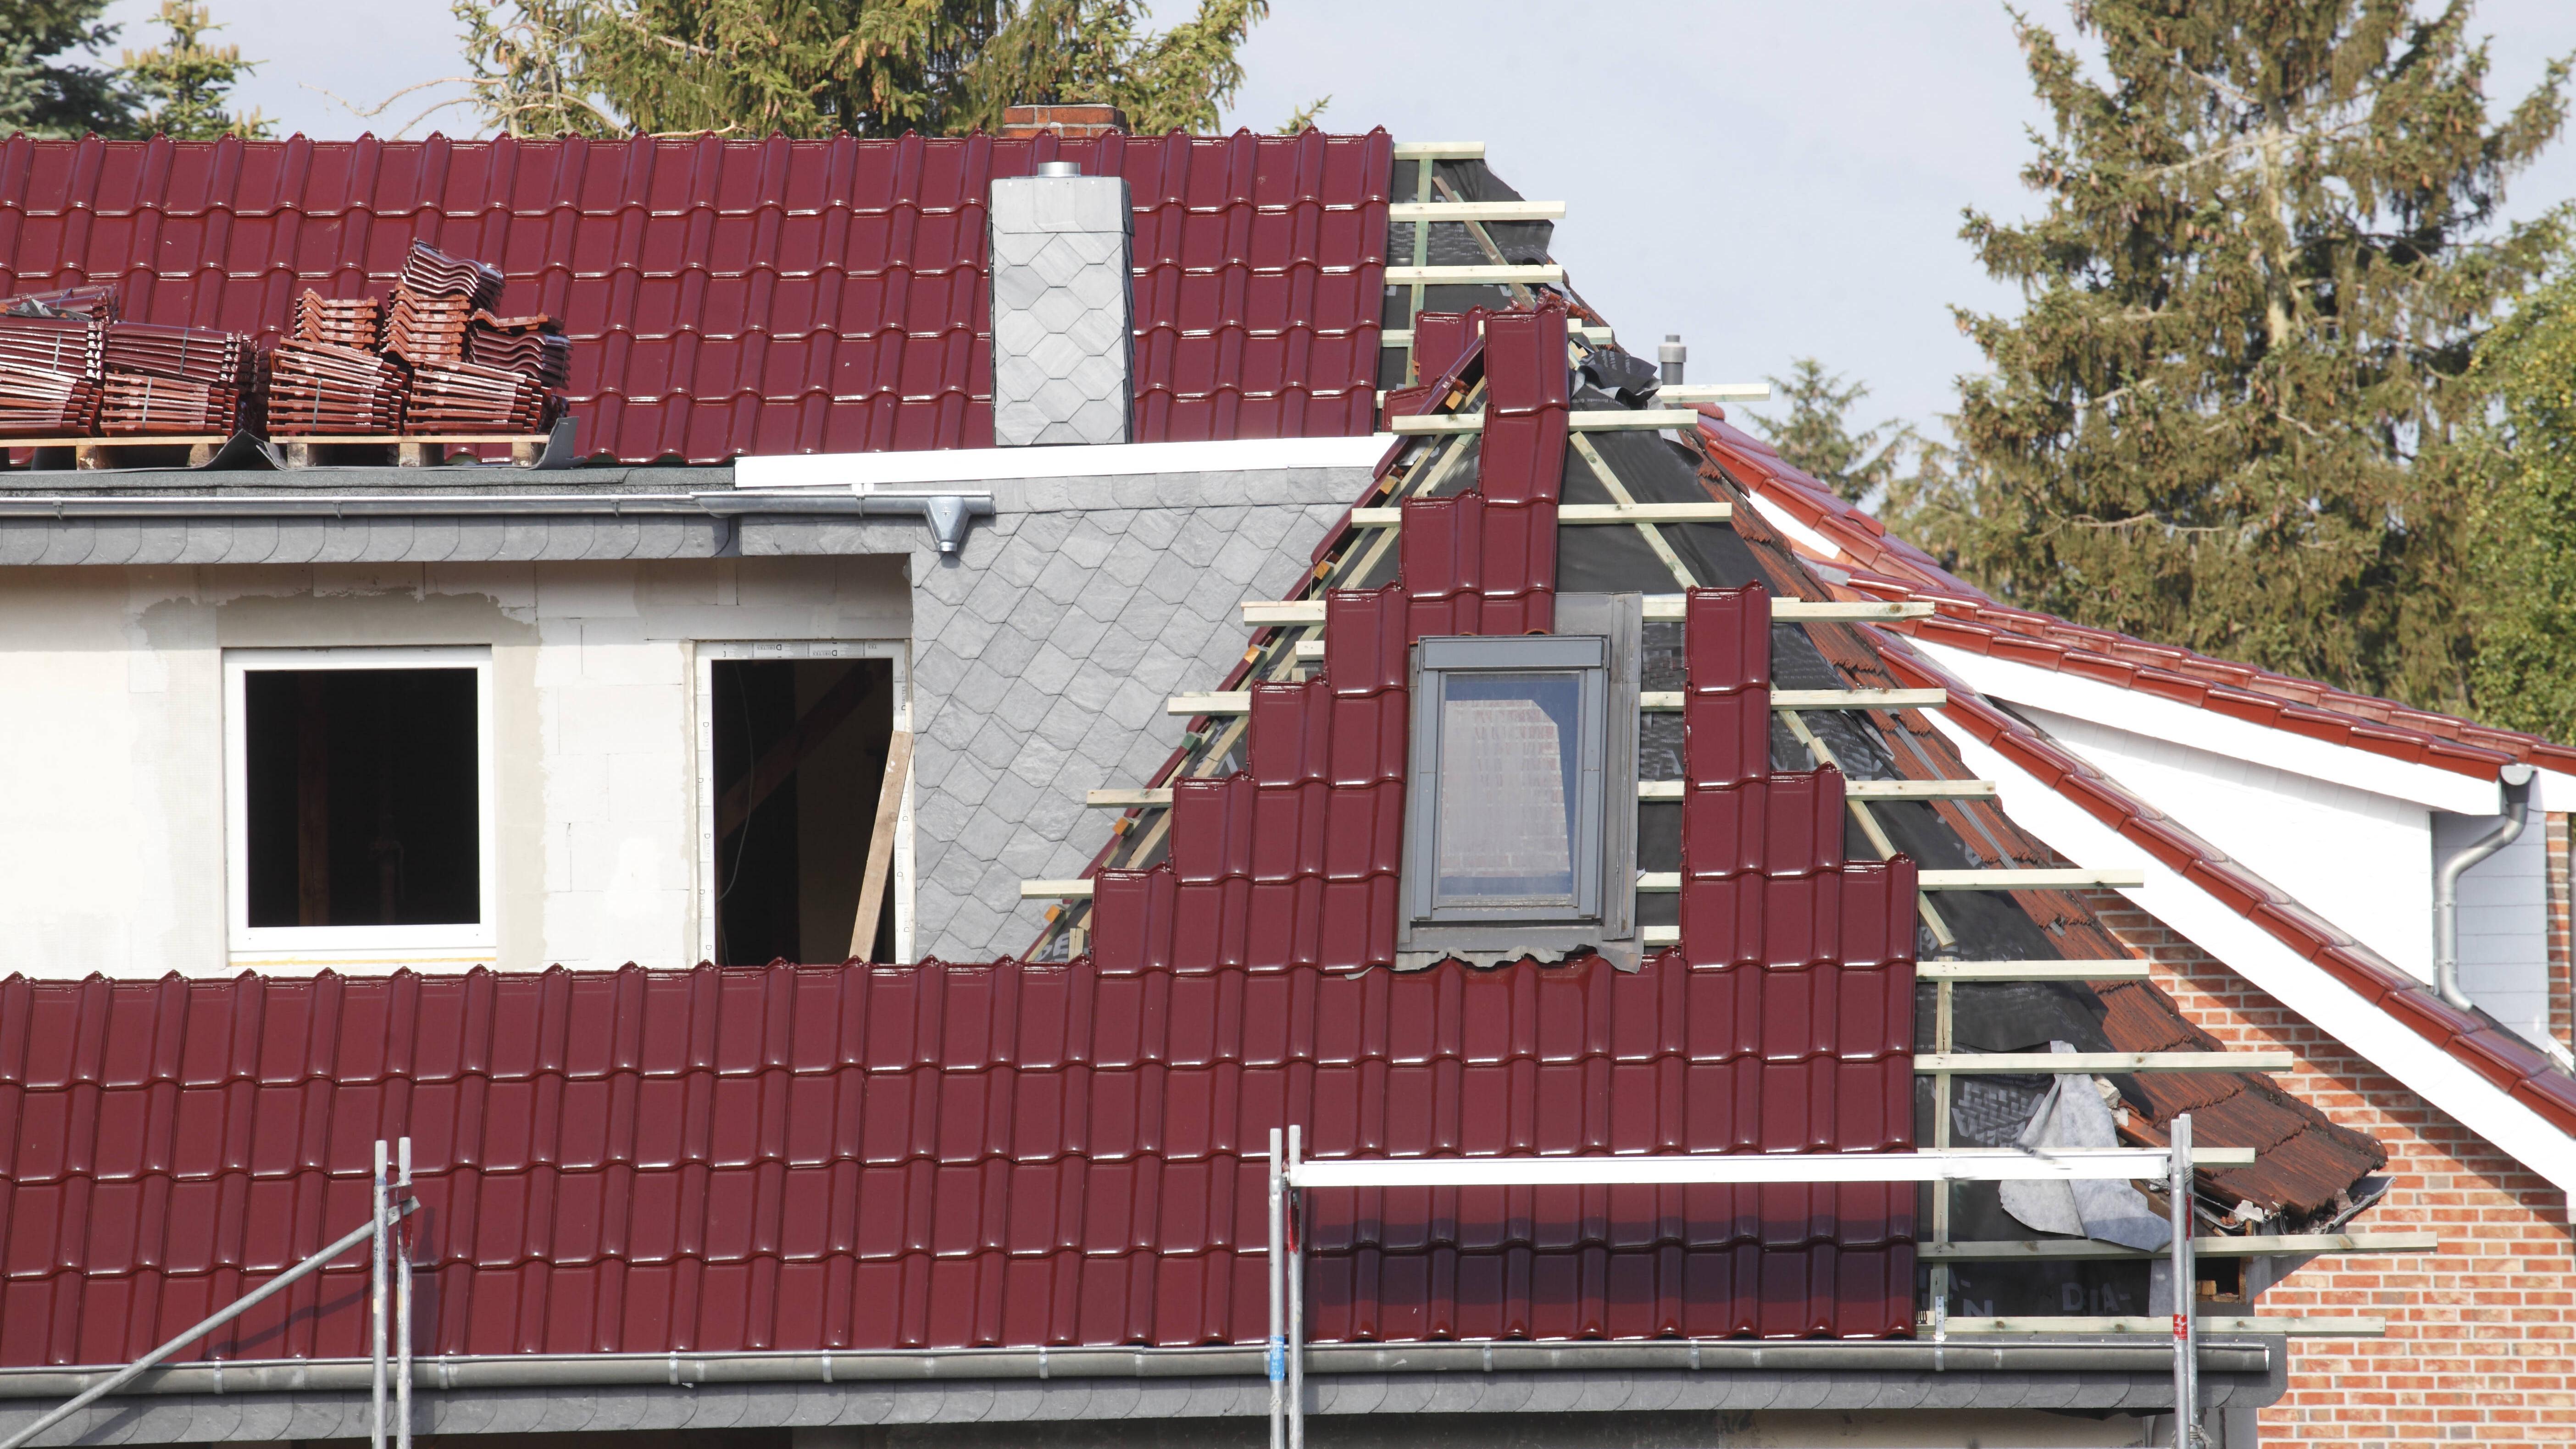 Achten Sie auf die eigene Sicherheit, wenn Sie ihr Dach reparieren.